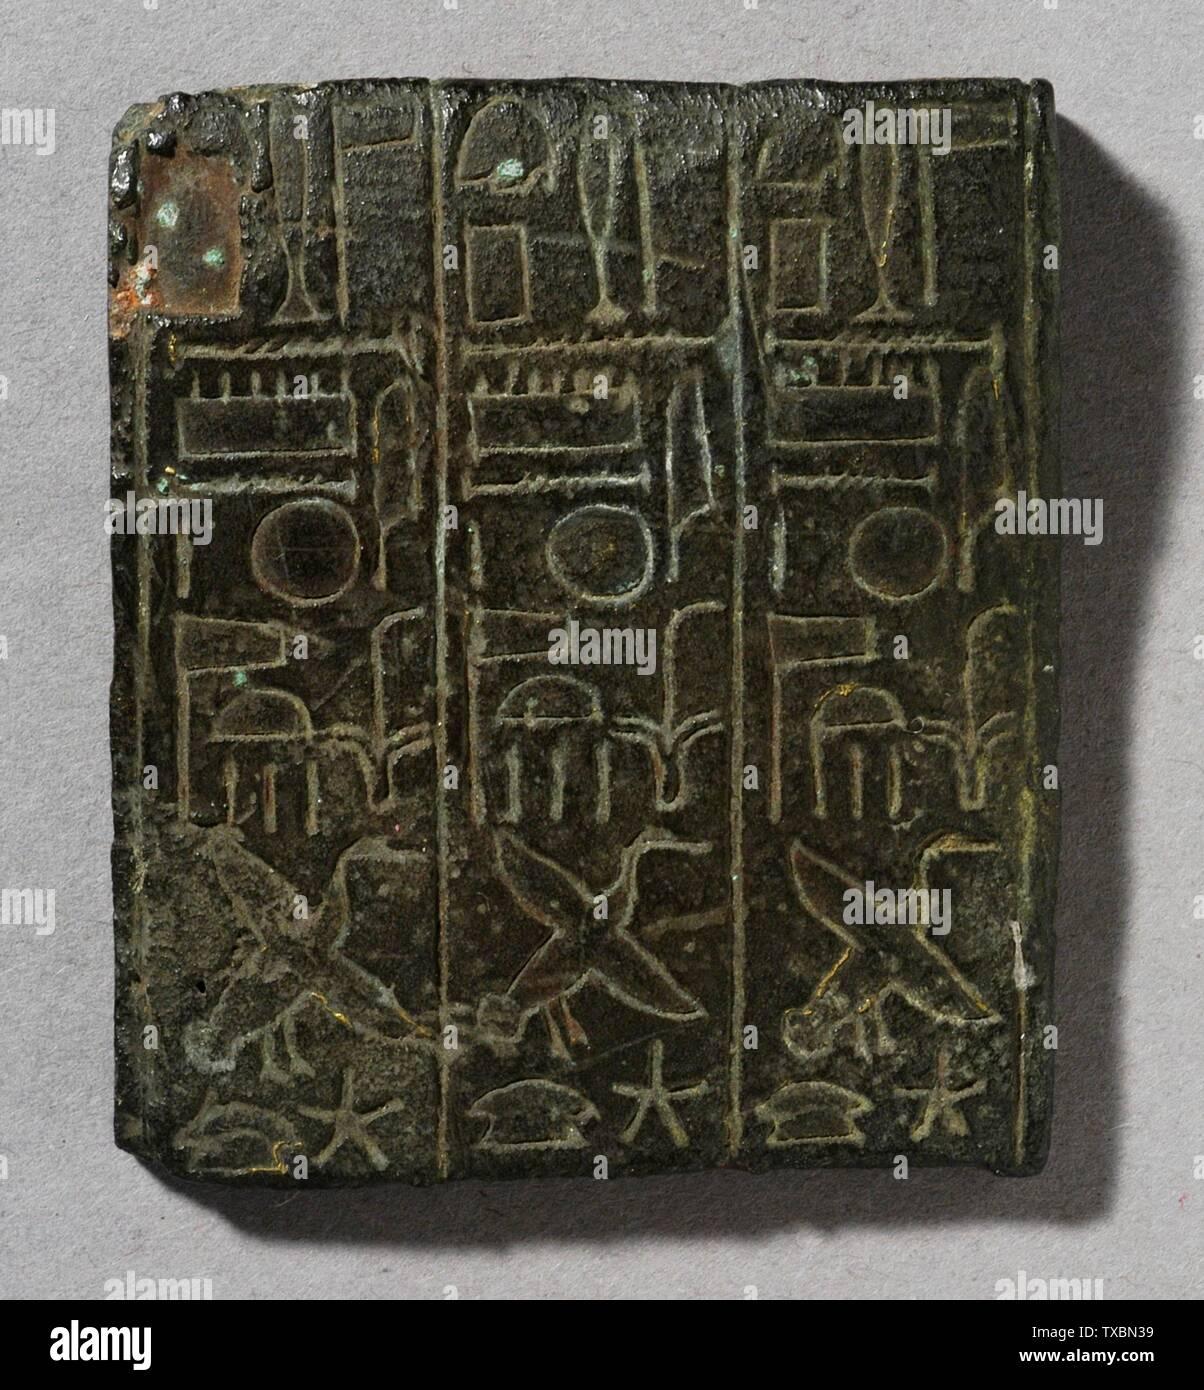 Plaque 'inscrite par un grand prêtre de Amen; Egypte, troisième période intermédiaire, 21e dynastie (1055 - 931 avant notre ère) ou plus tard en bronze sculpture Hauteur: 2 in. (5,1 cm); largeur: 1 3/4 in. (4,4 cm) Don de Carl W. Thomas (M.80.203.45) L'art égyptien; 21e dynastie (1055 - 931 avant notre ère) ou ultérieure; ' Photo Stock